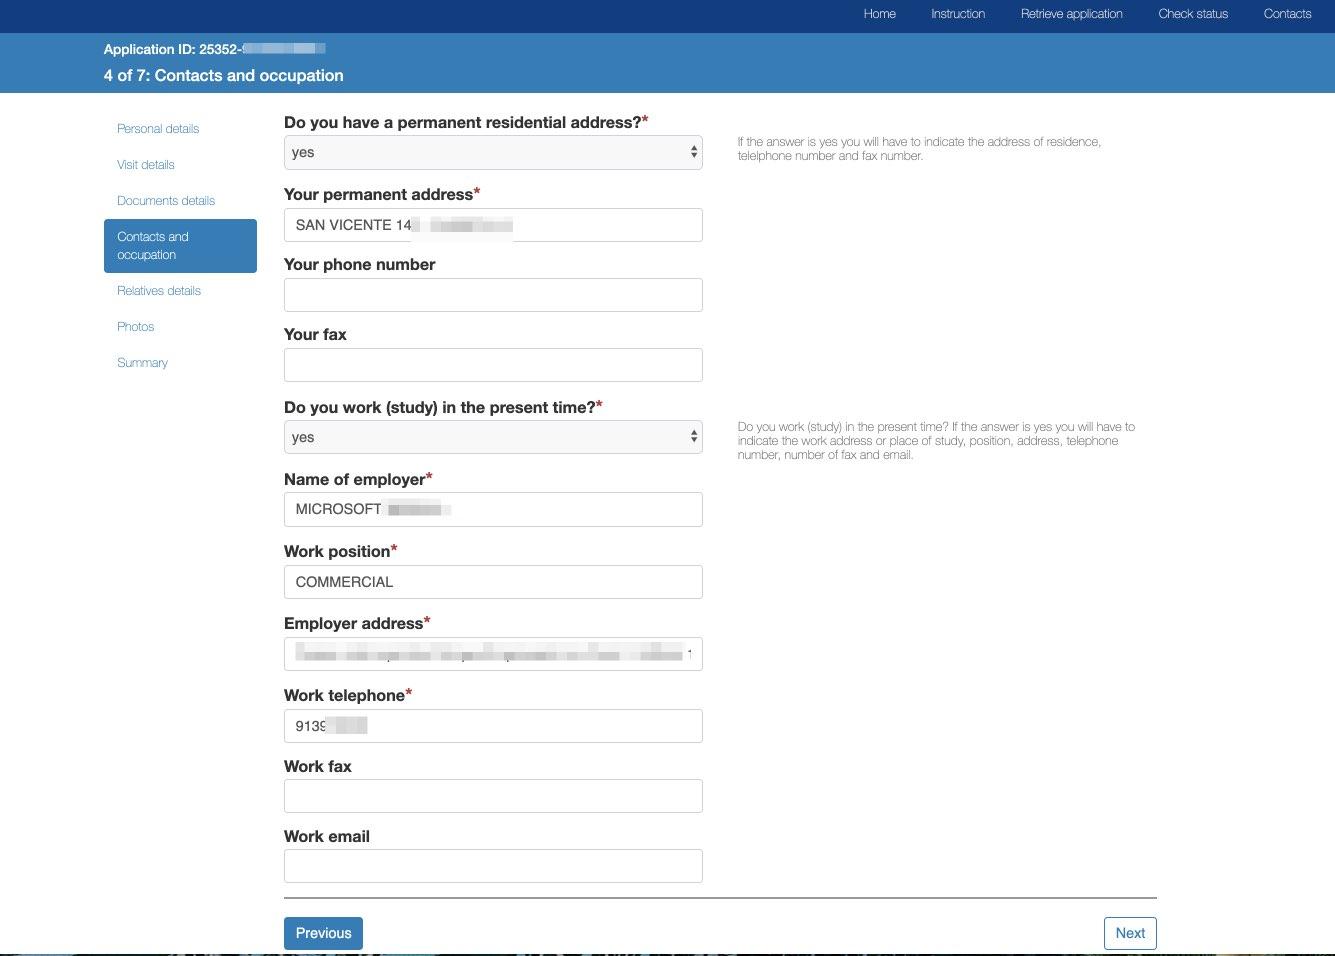 Wniosek o wizę elektroniczną na podróż do Rosji - Departament Konsularny Ministerstwa Spraw Zagranicznych Federacji Rosyjskiej 9